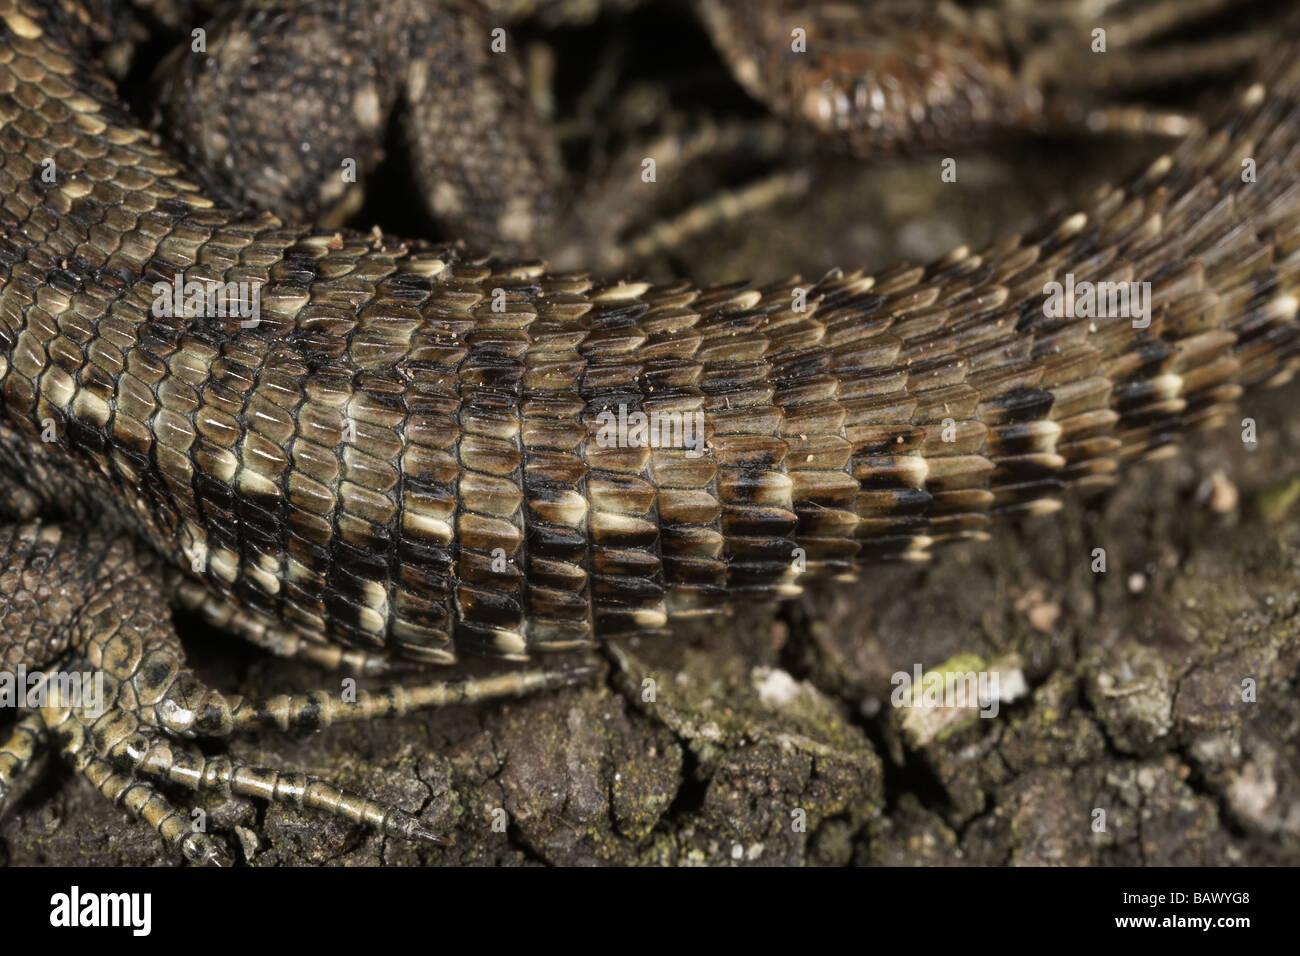 Nahaufnahme eines gemeinsamen oder Viviparous Eidechse s Schwanzes Lacerta Vivipara Allerthorpe gemeinsamen East Yorkshire UK Stockfoto